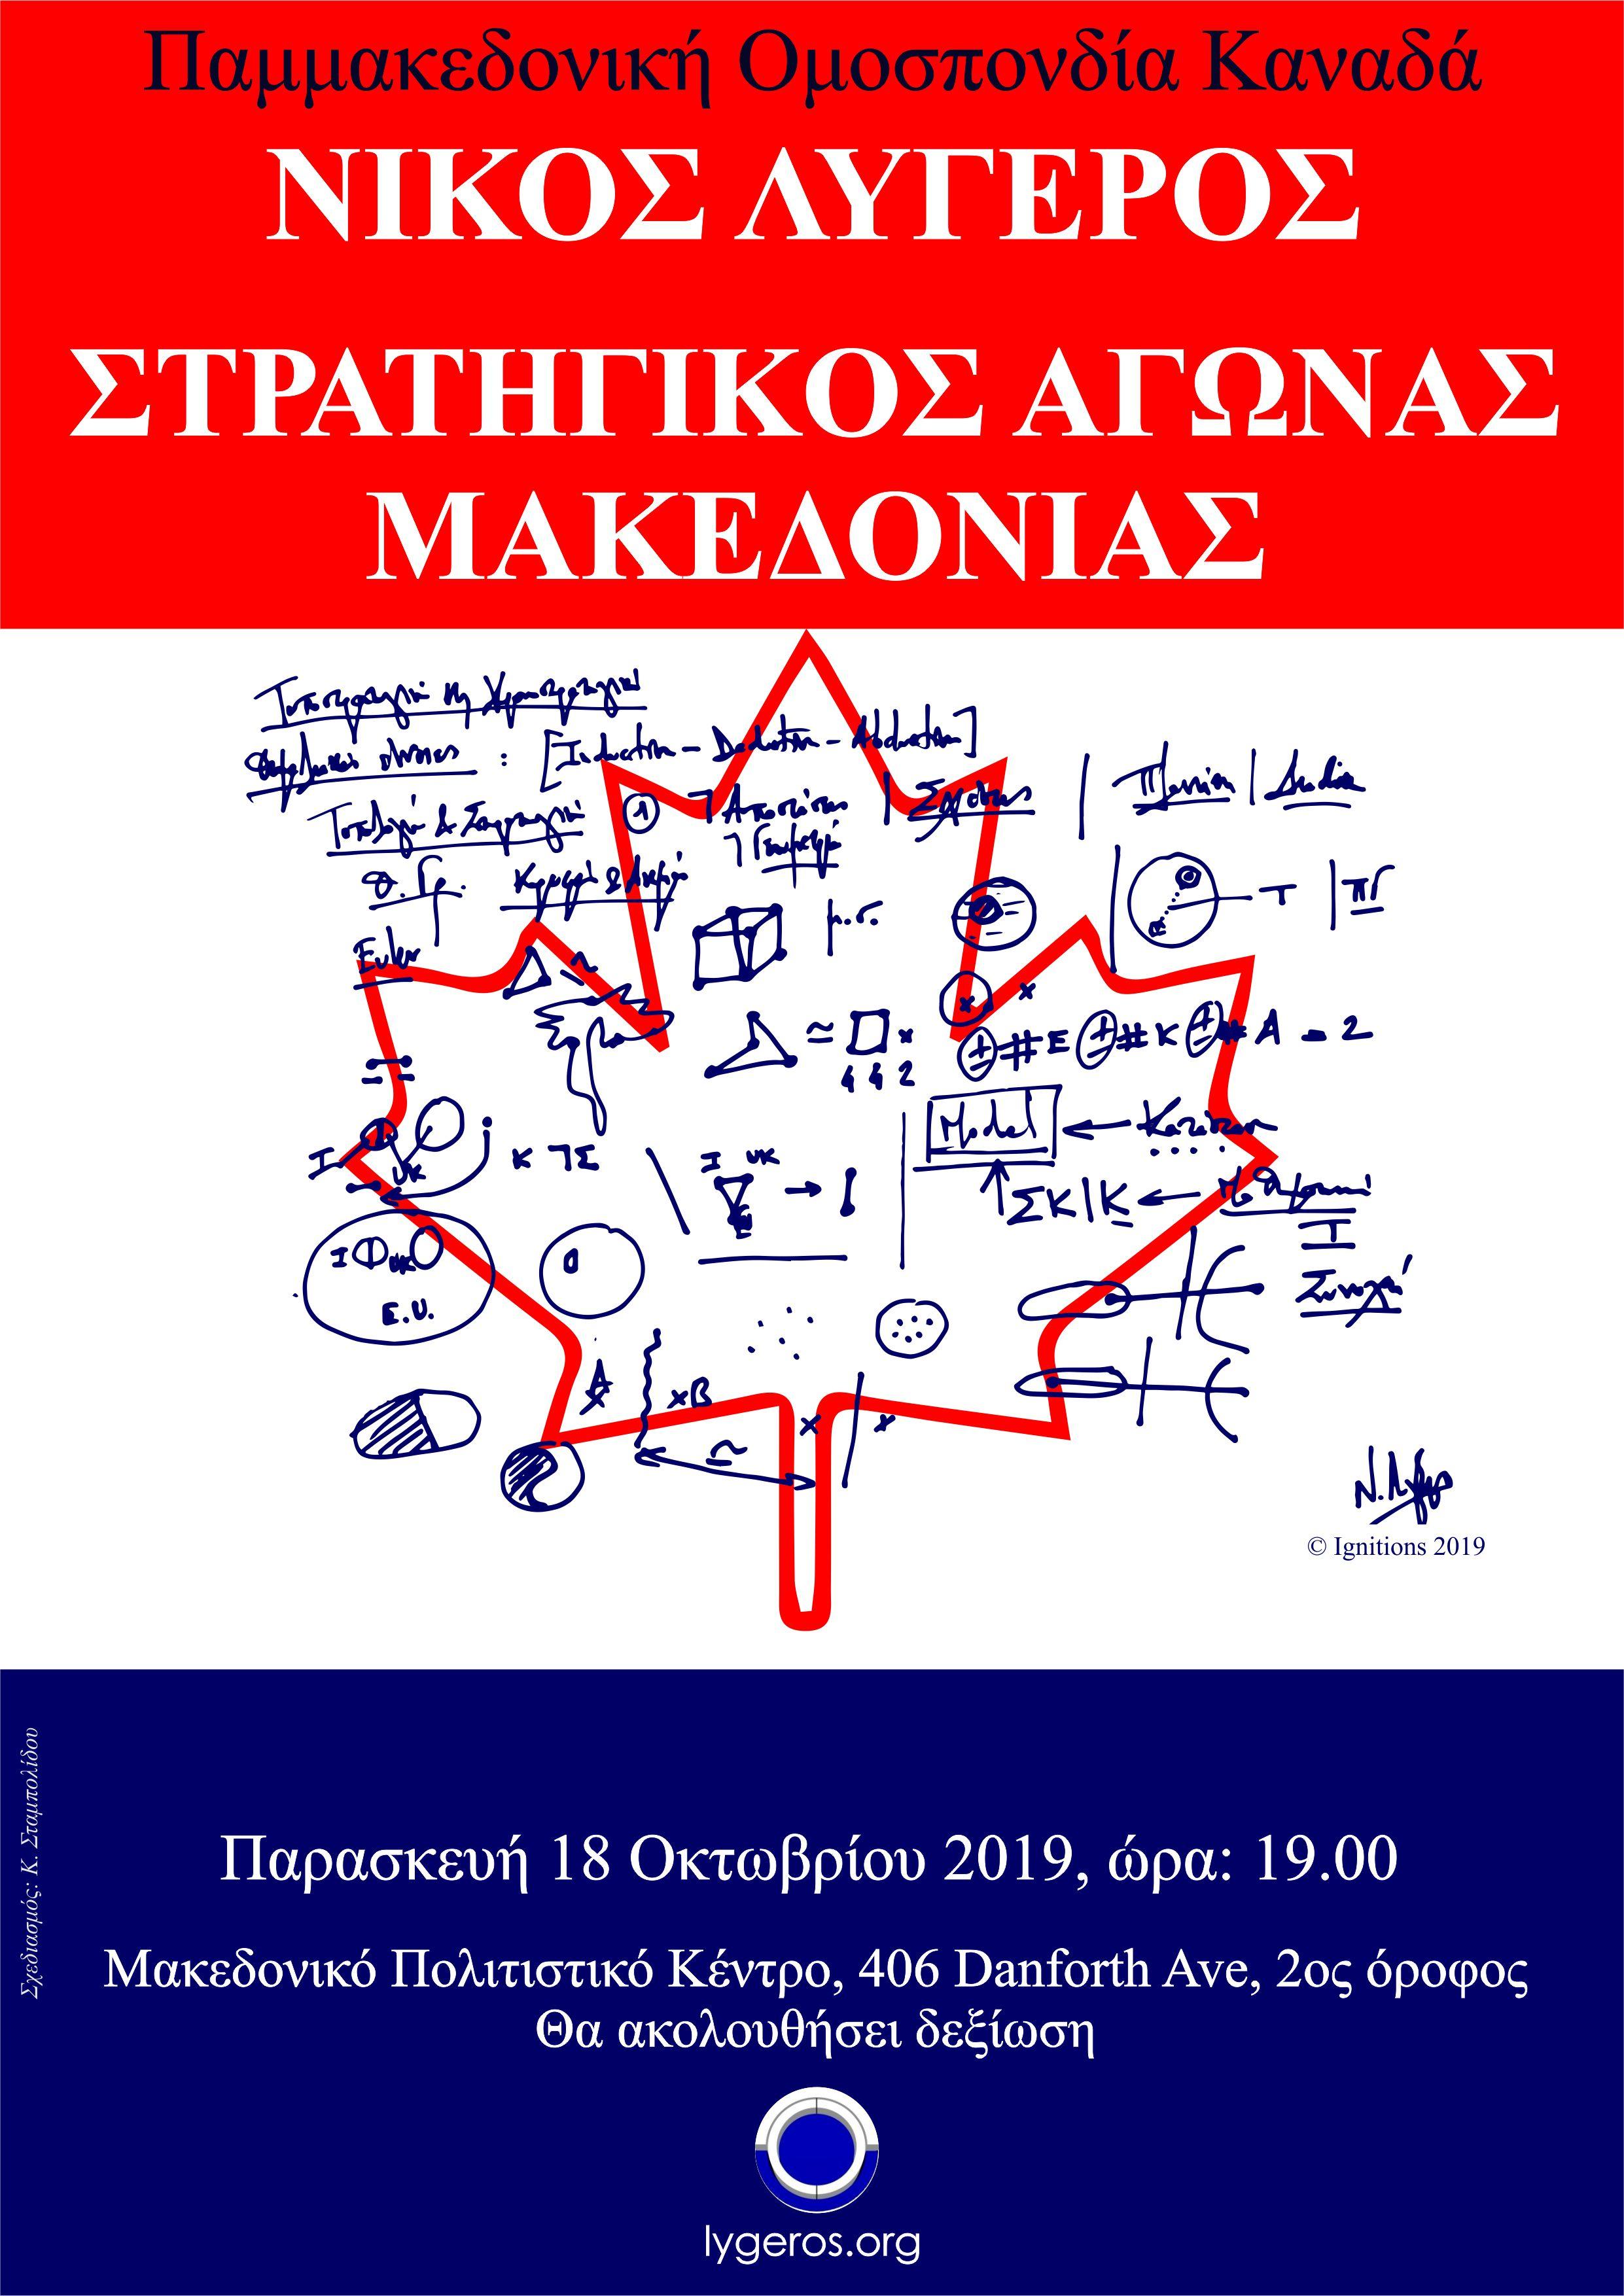 Διάλεξη: Στρατηγικός Αγώνας Μακεδονίας